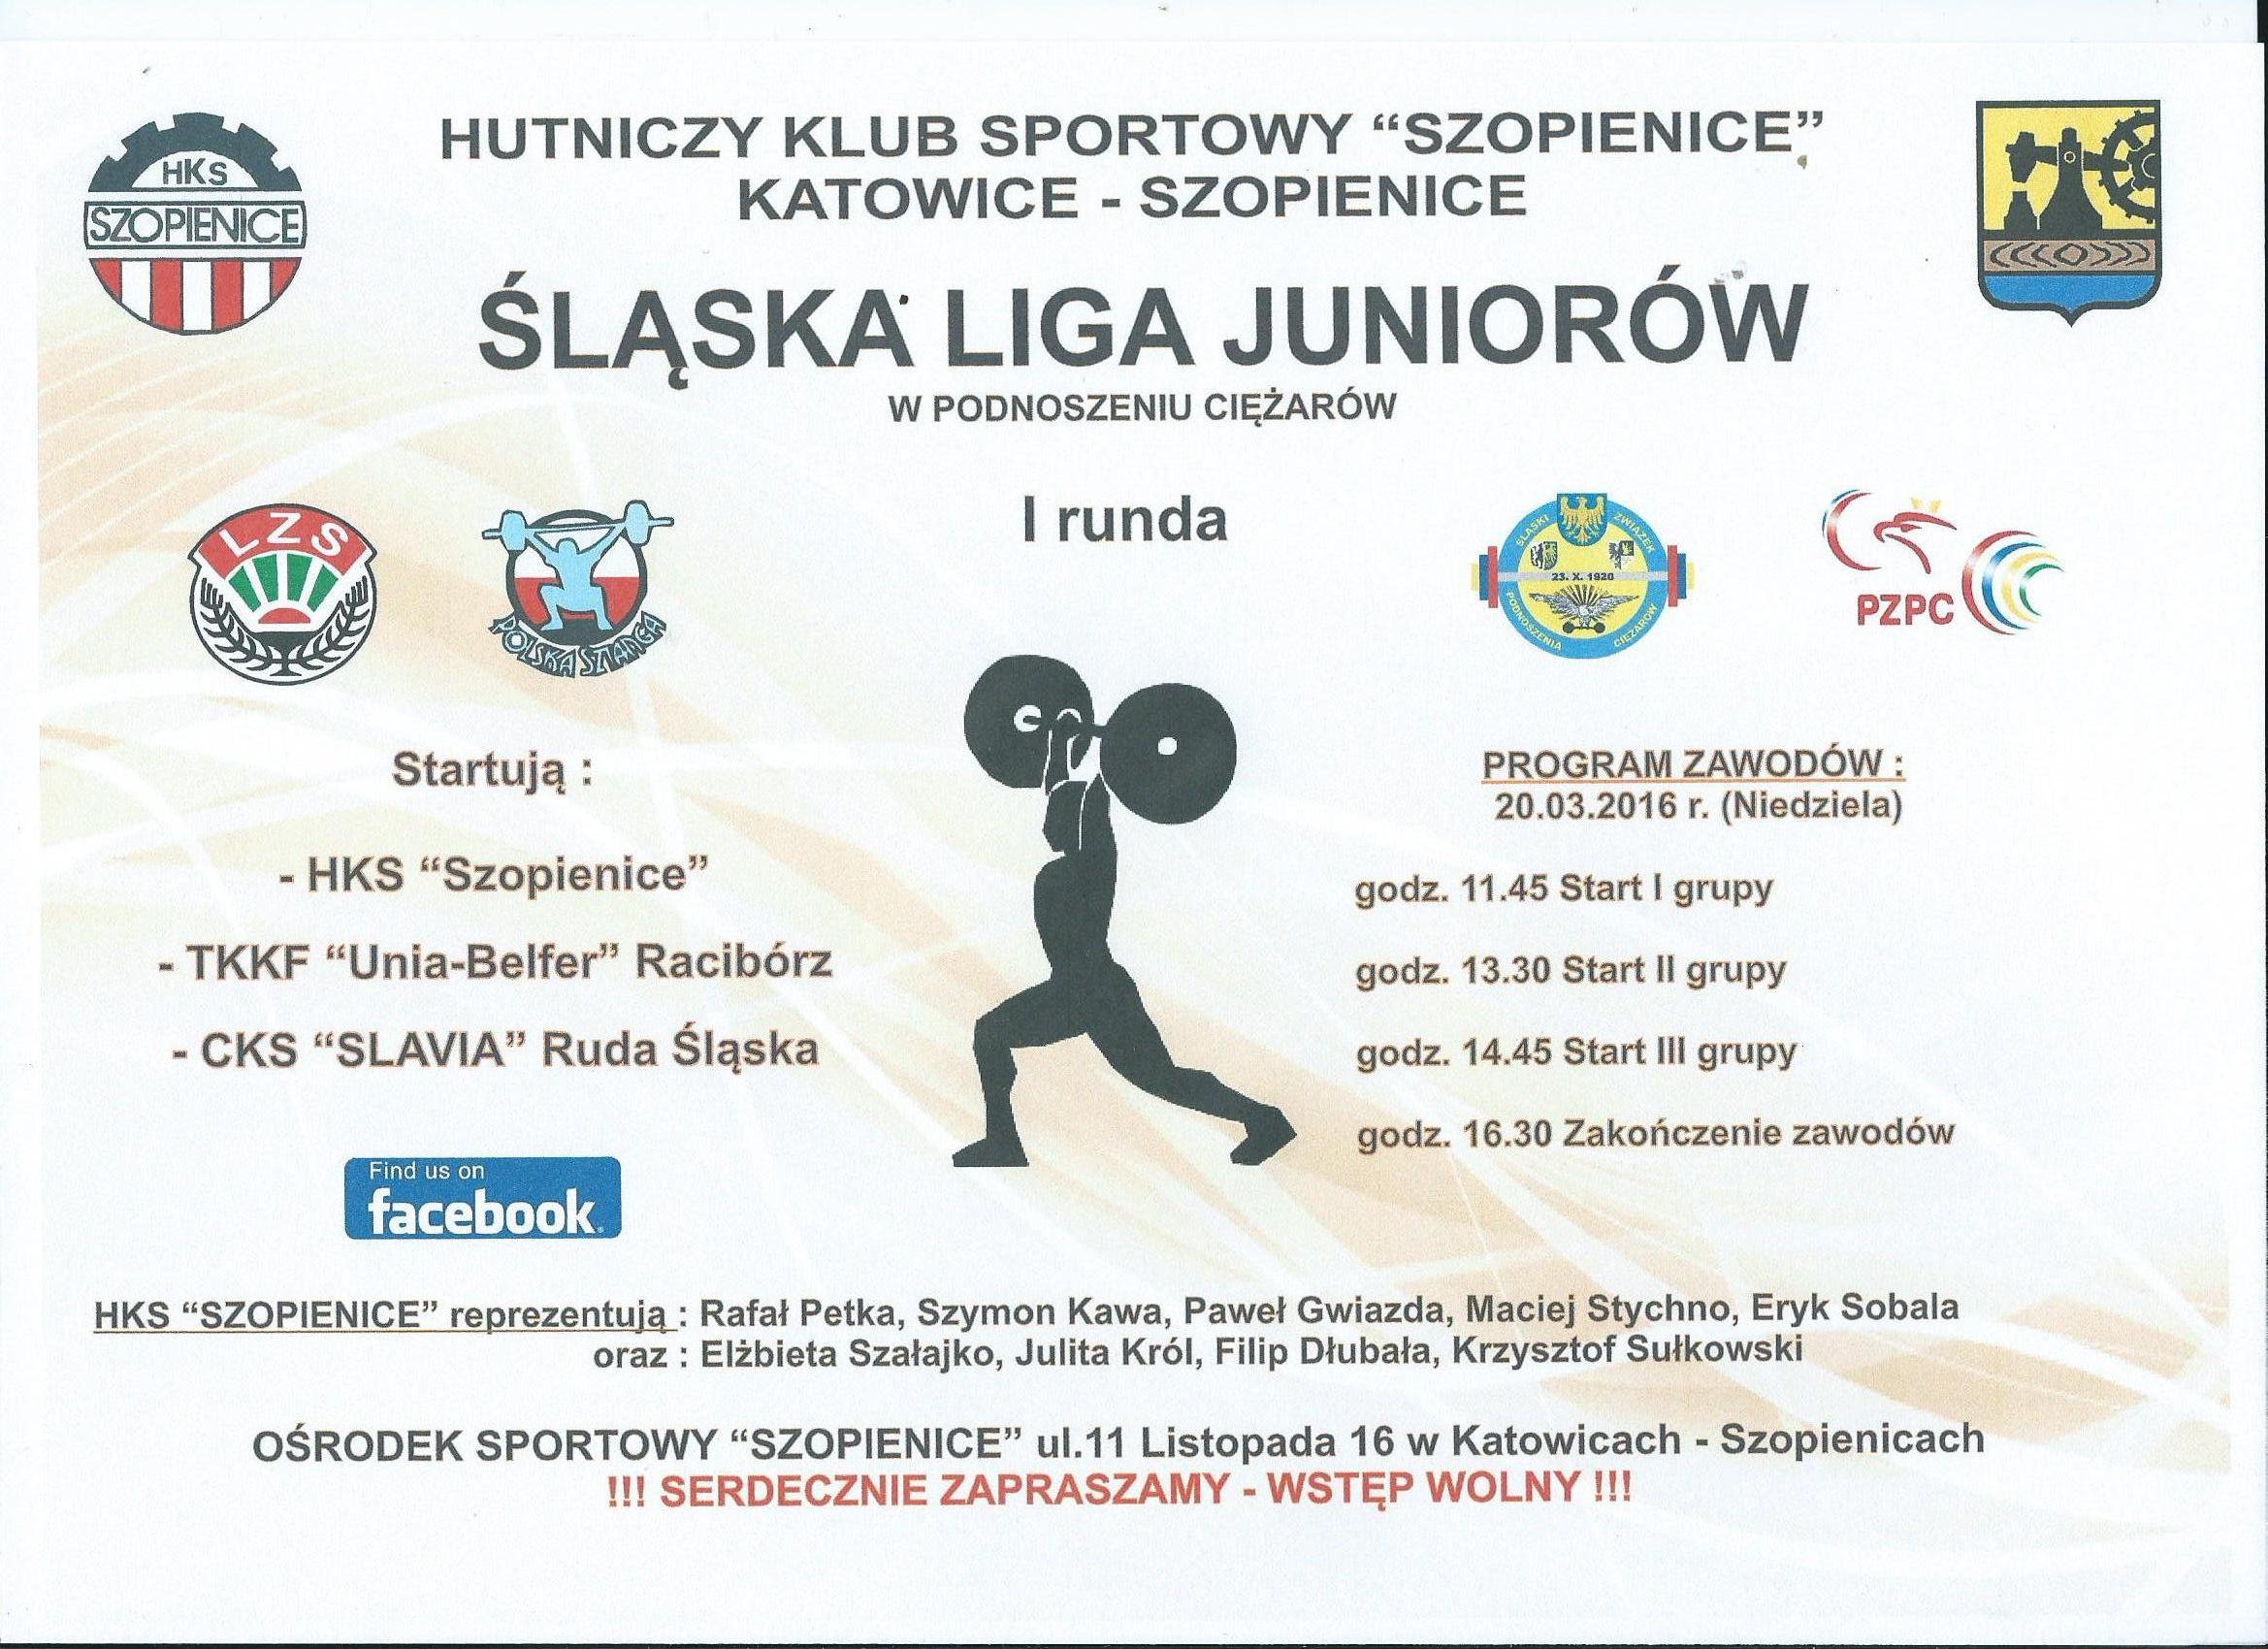 I runda ślaskiej ligi juniorów 2016